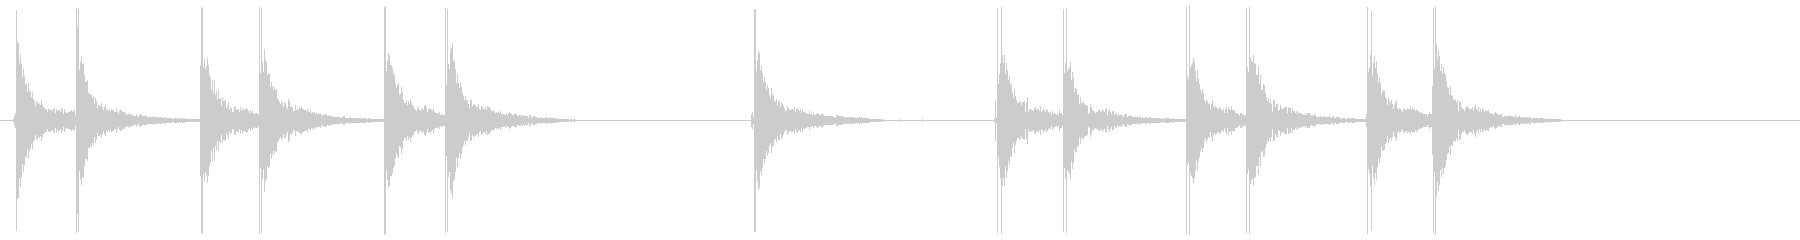 空間的な効果音です。の未再生の波形